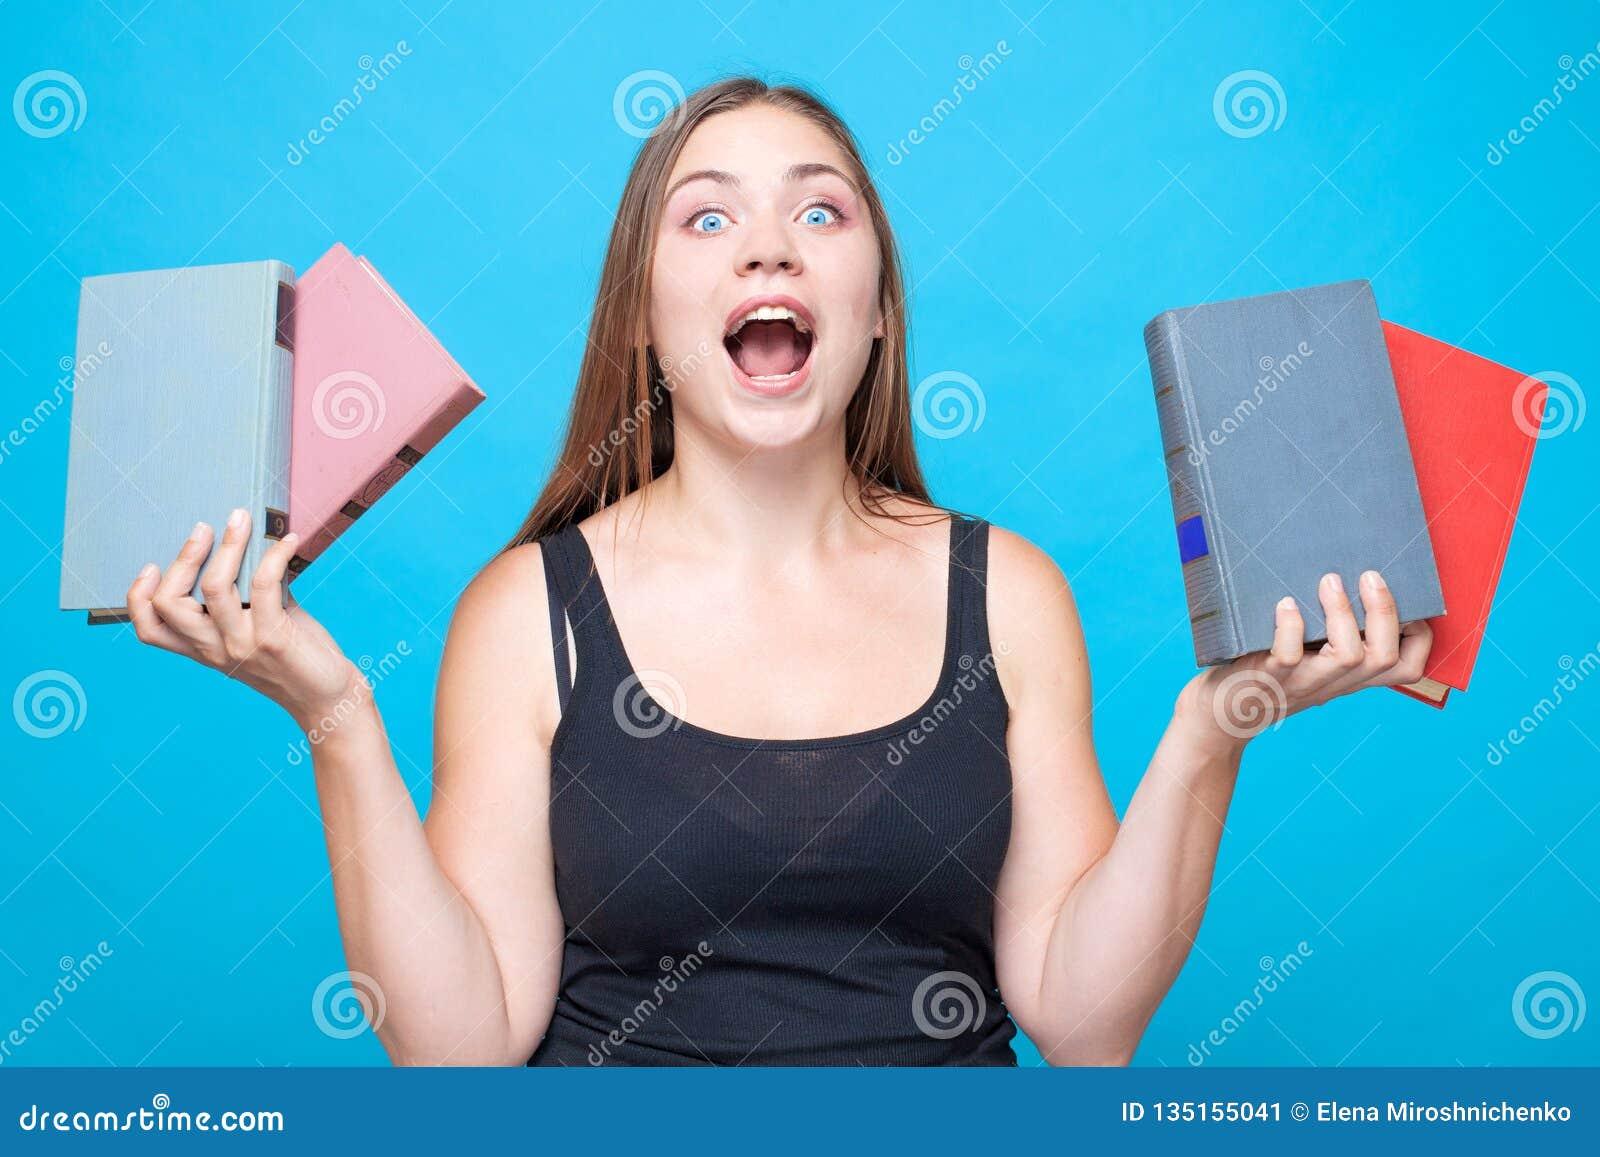 Η νέα όμορφη γυναίκα με 2 βιβλία σε κάθε ένα δίνει τις κραυγές με τις ισχυρές συγκινήσεις με το στόμα επάνω